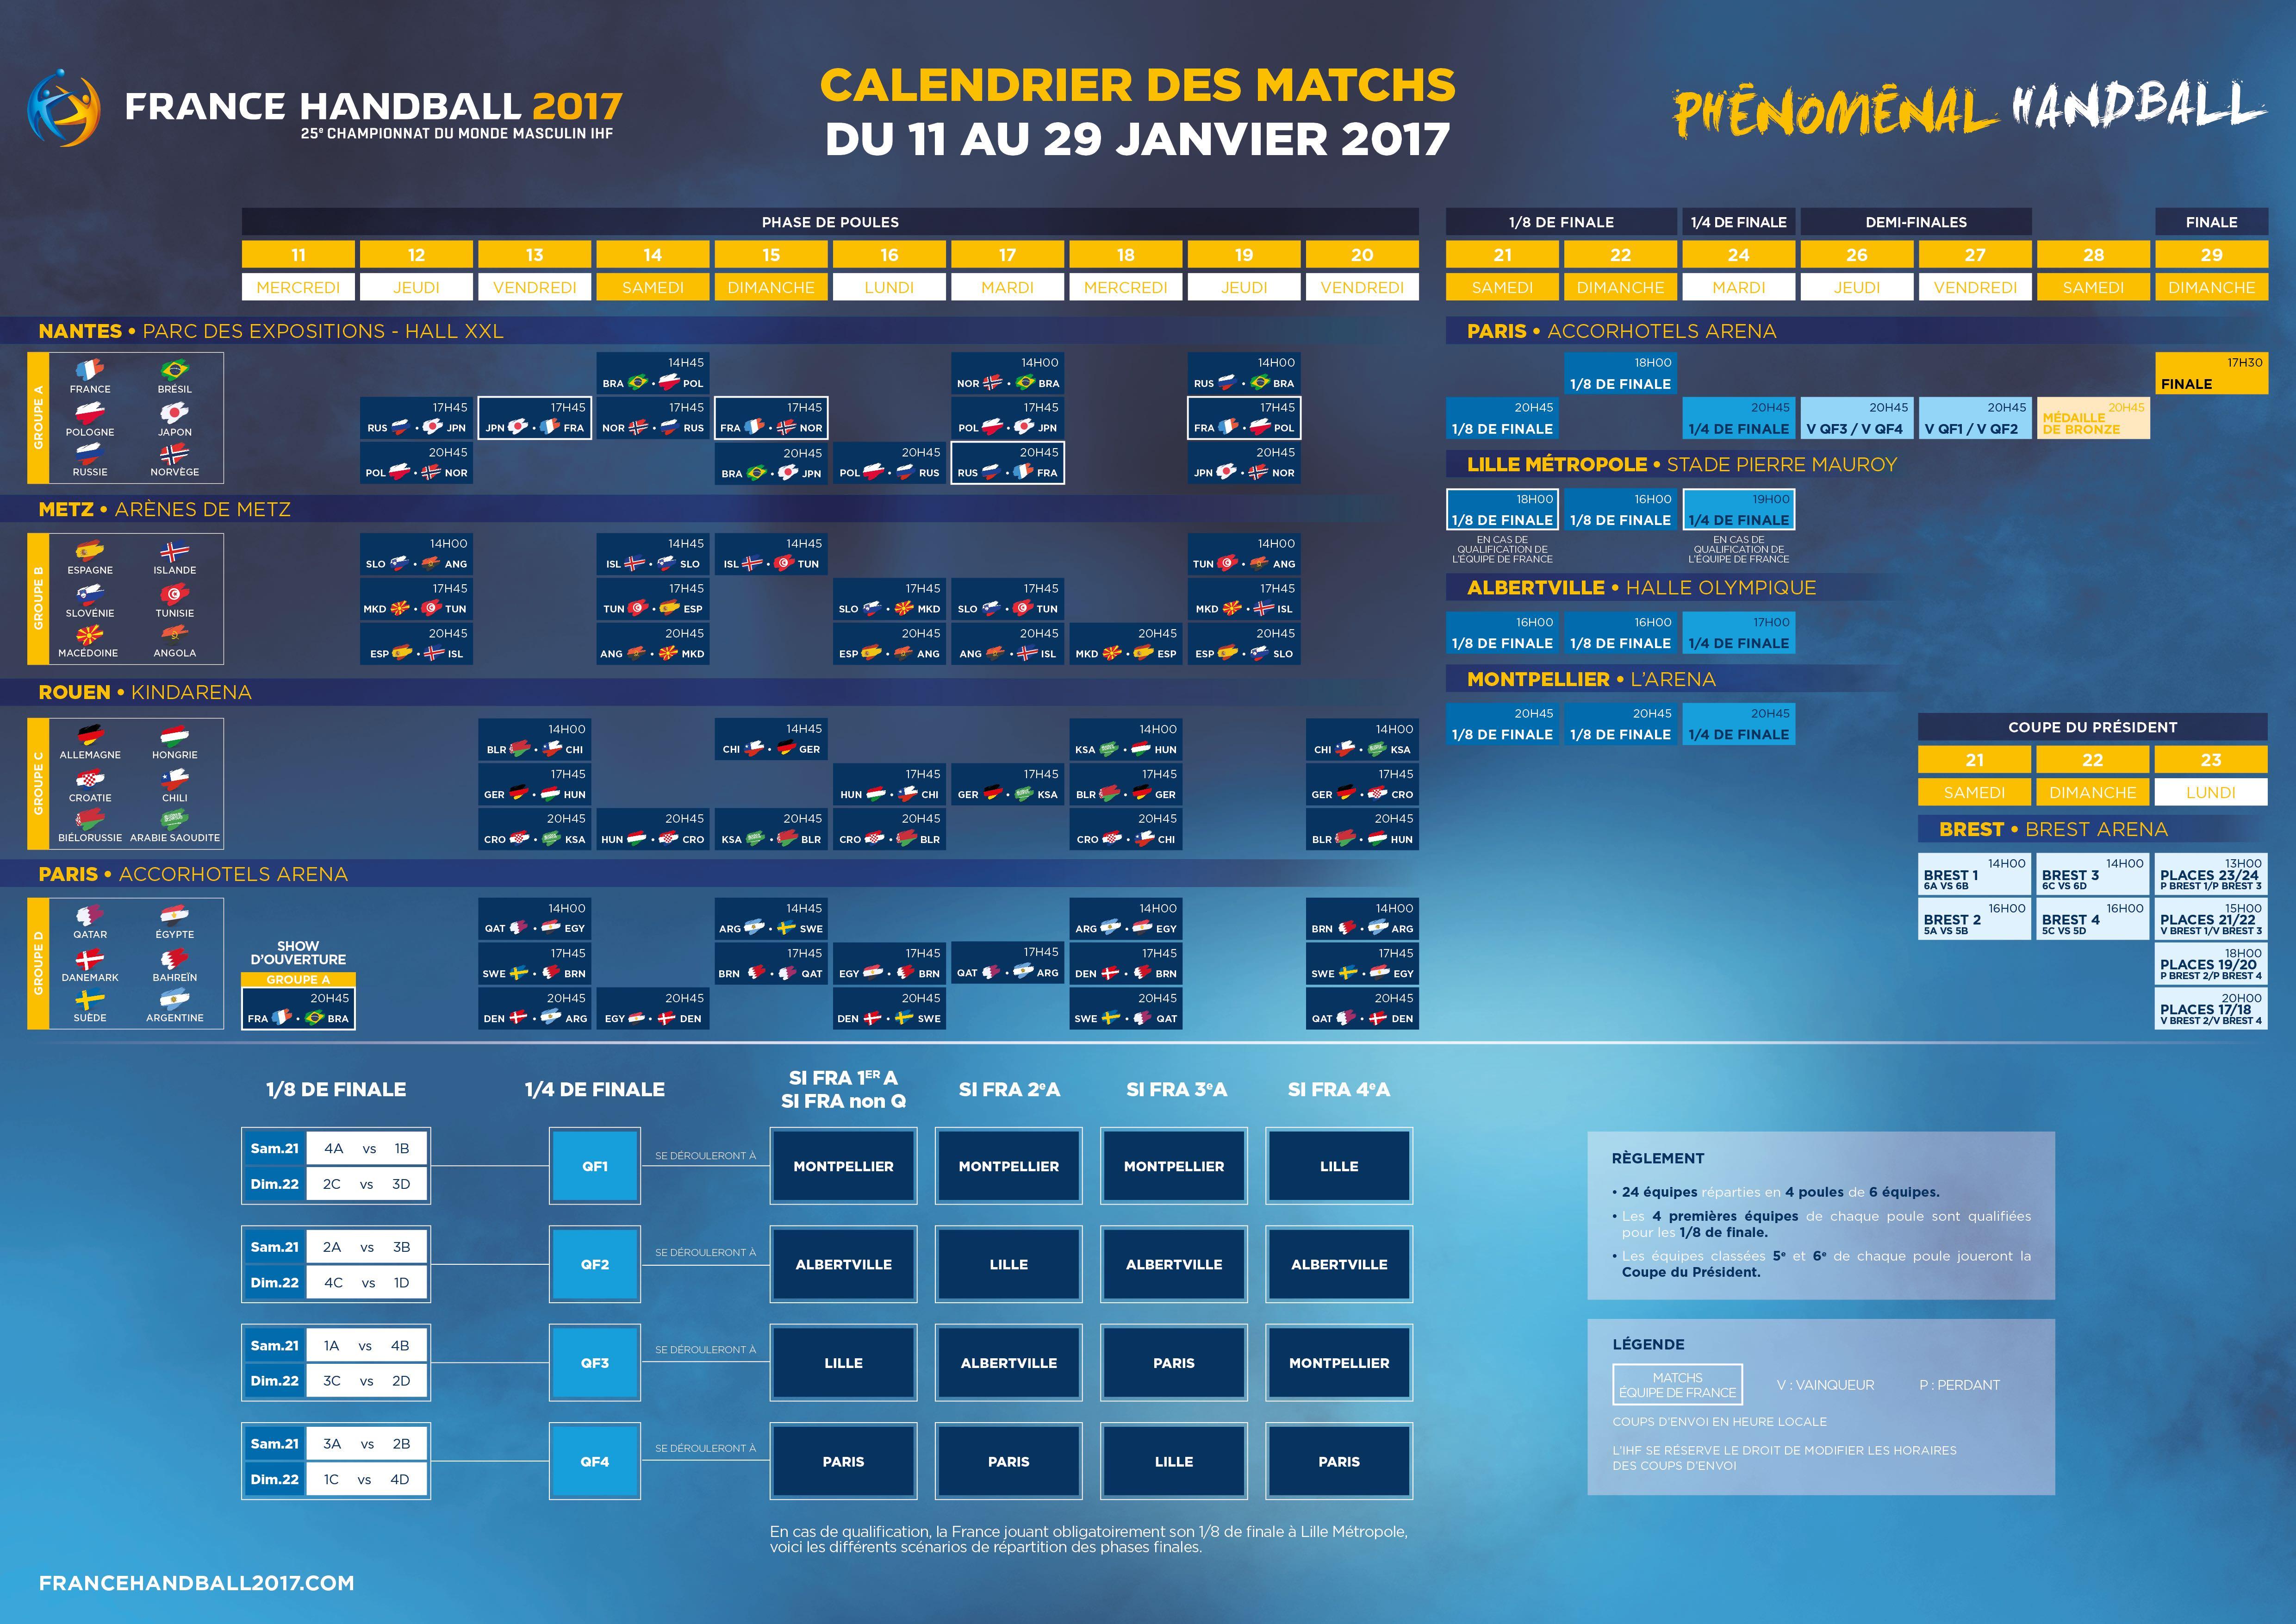 Handball les forces en pr sence pour le championnat du monde 2017 - Diffusion coupe du monde handball ...